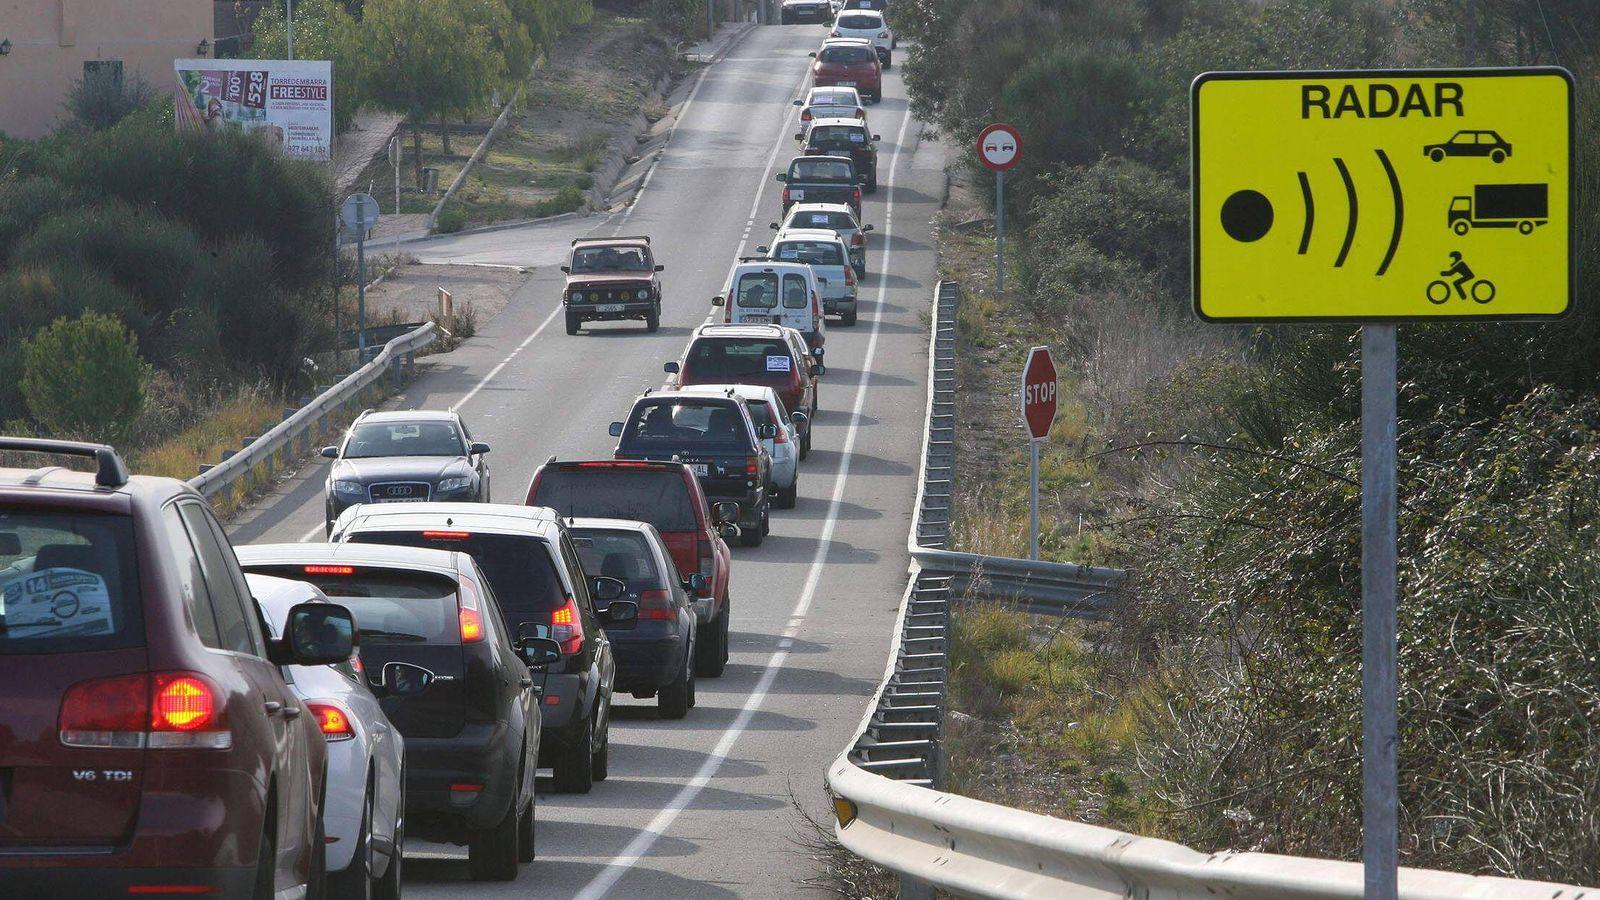 Foto: Señal de tráfico que avisa de la proximidad de un radar. (Efe)